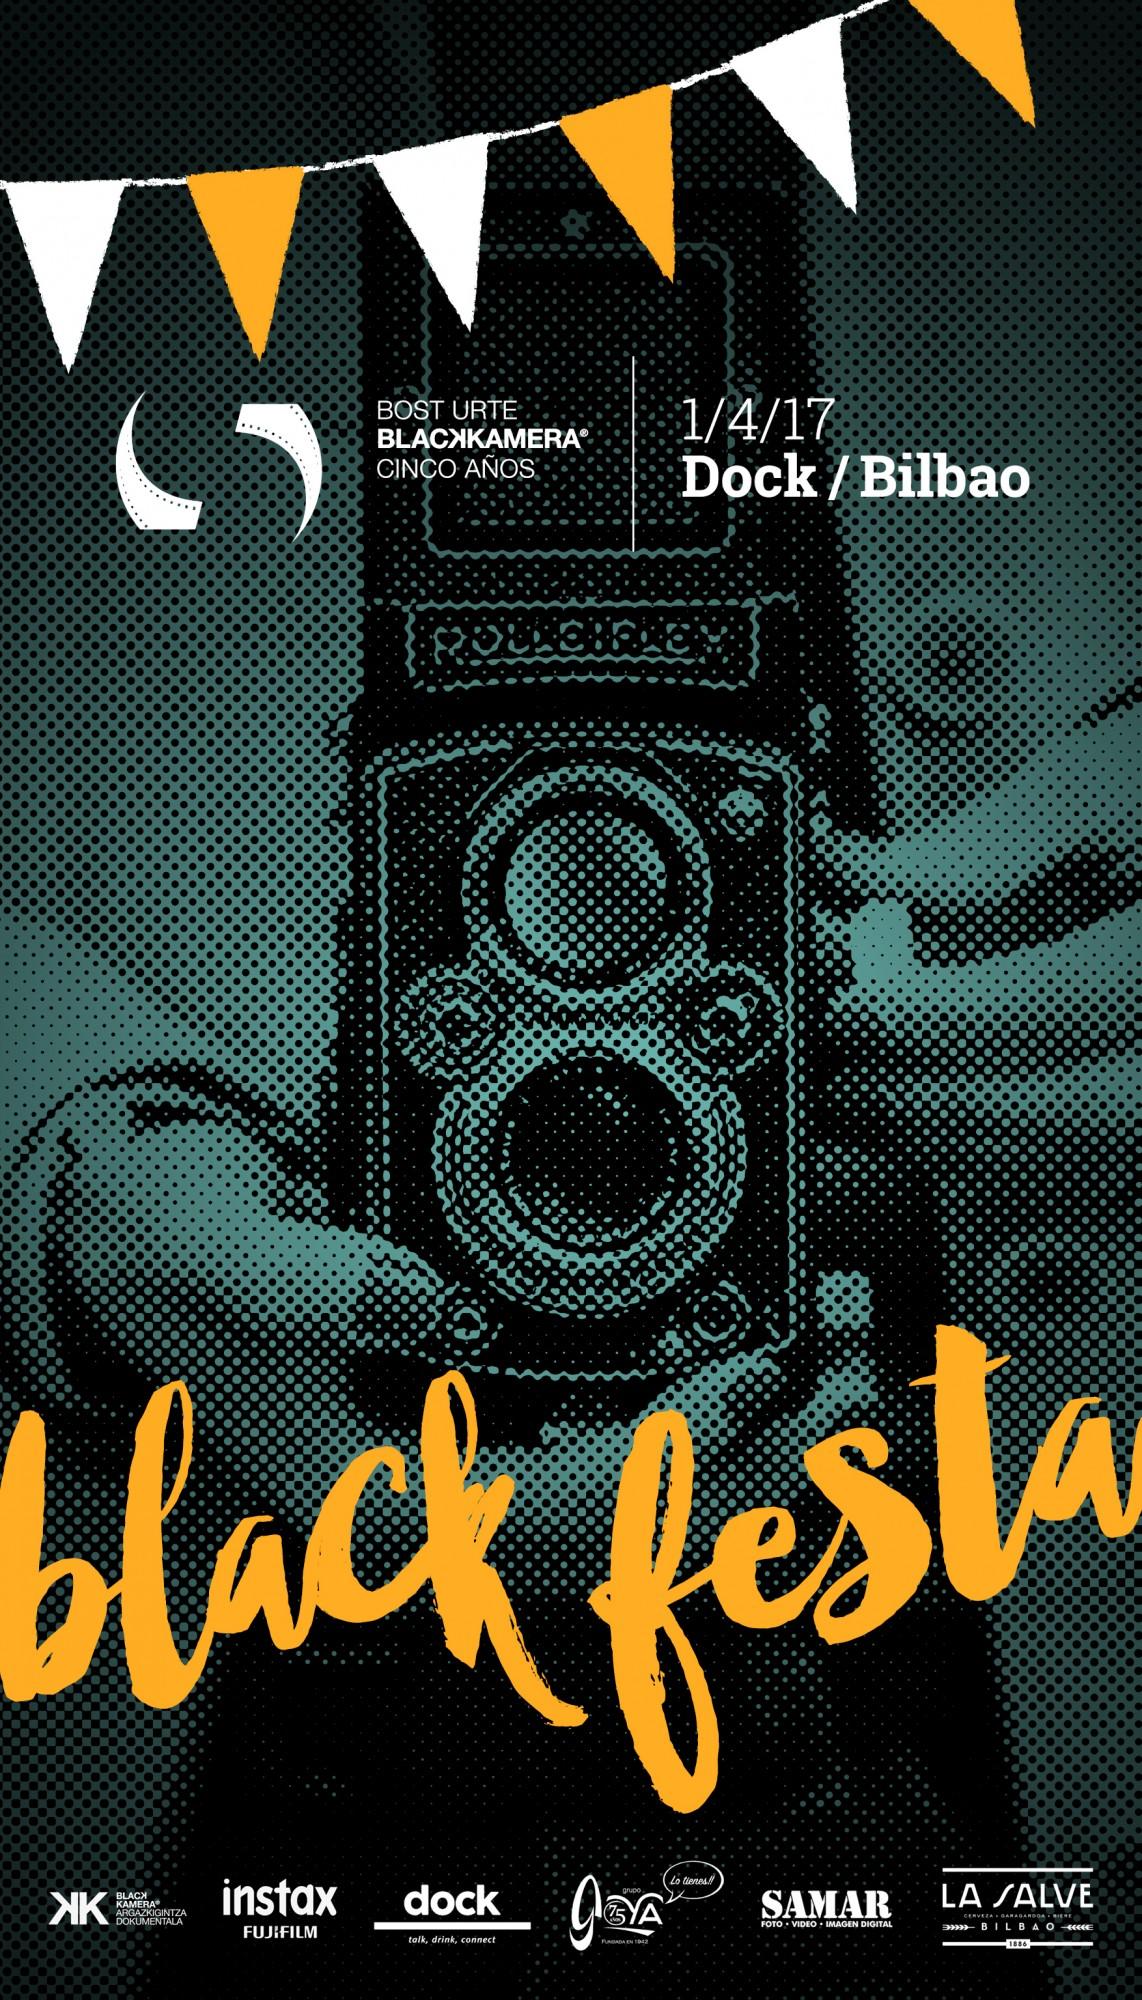 ¡#Blackfesta!